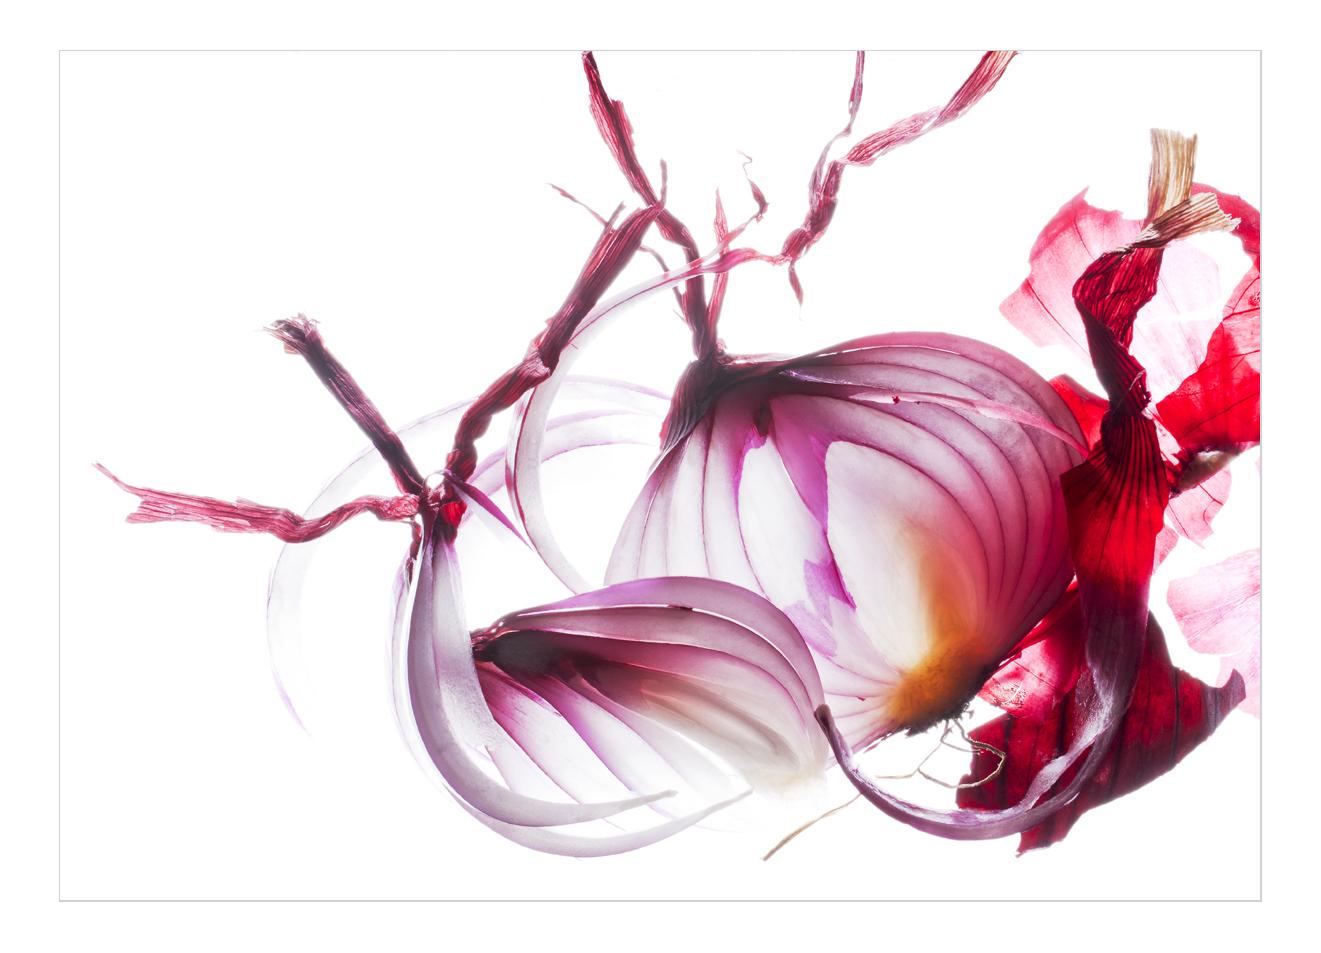 rote Zwiebel mit Schale